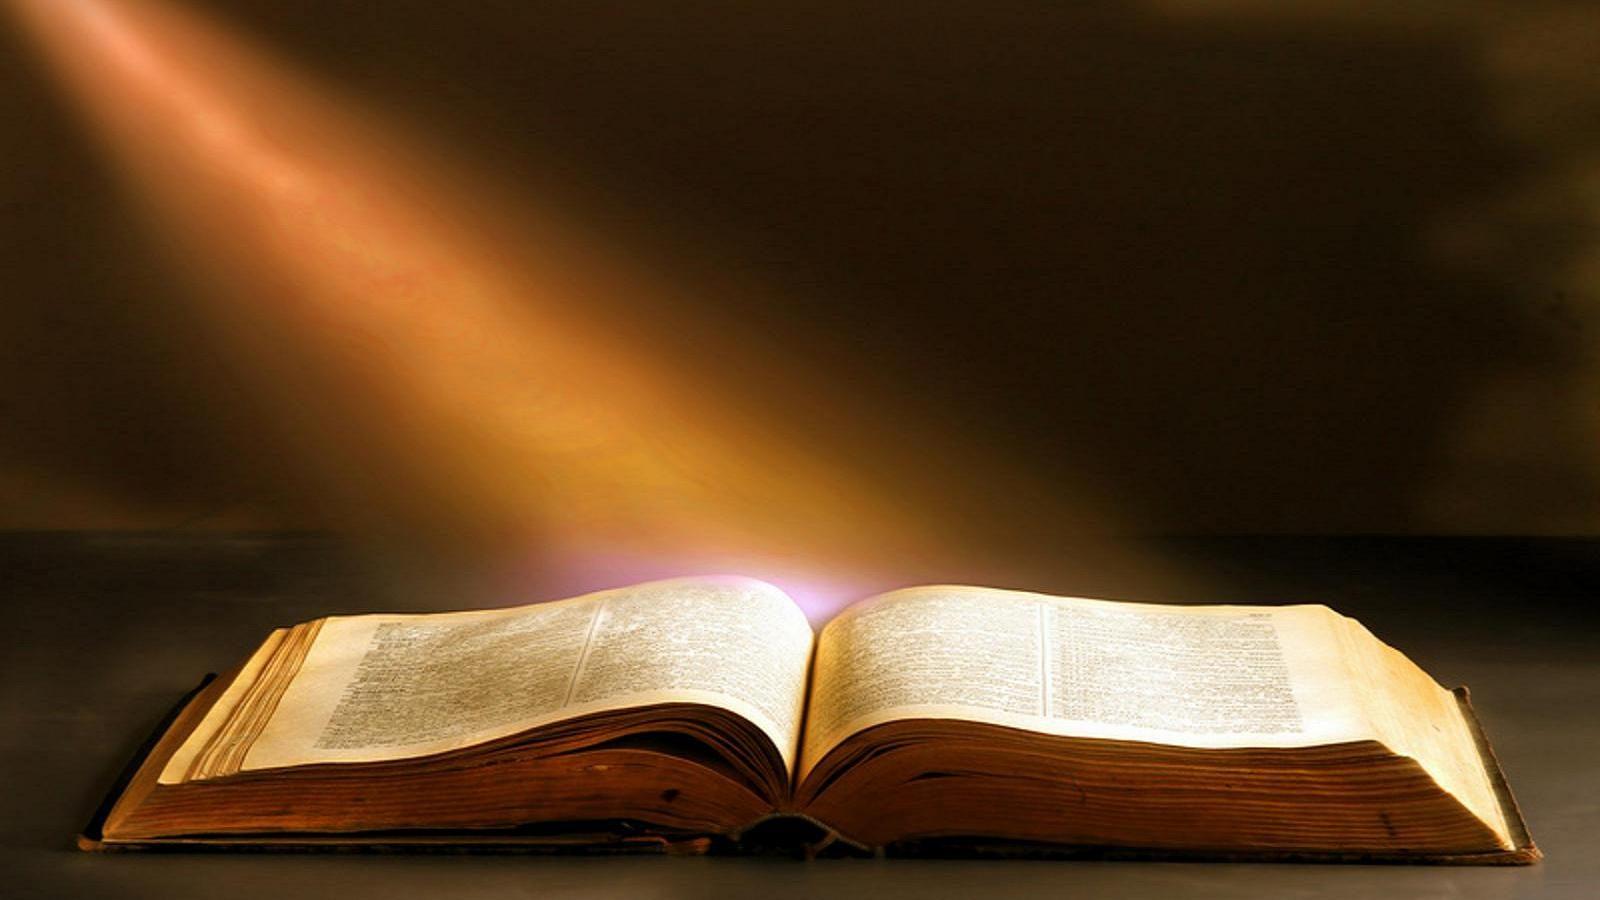 Lisez la bible, bande de mécréants!